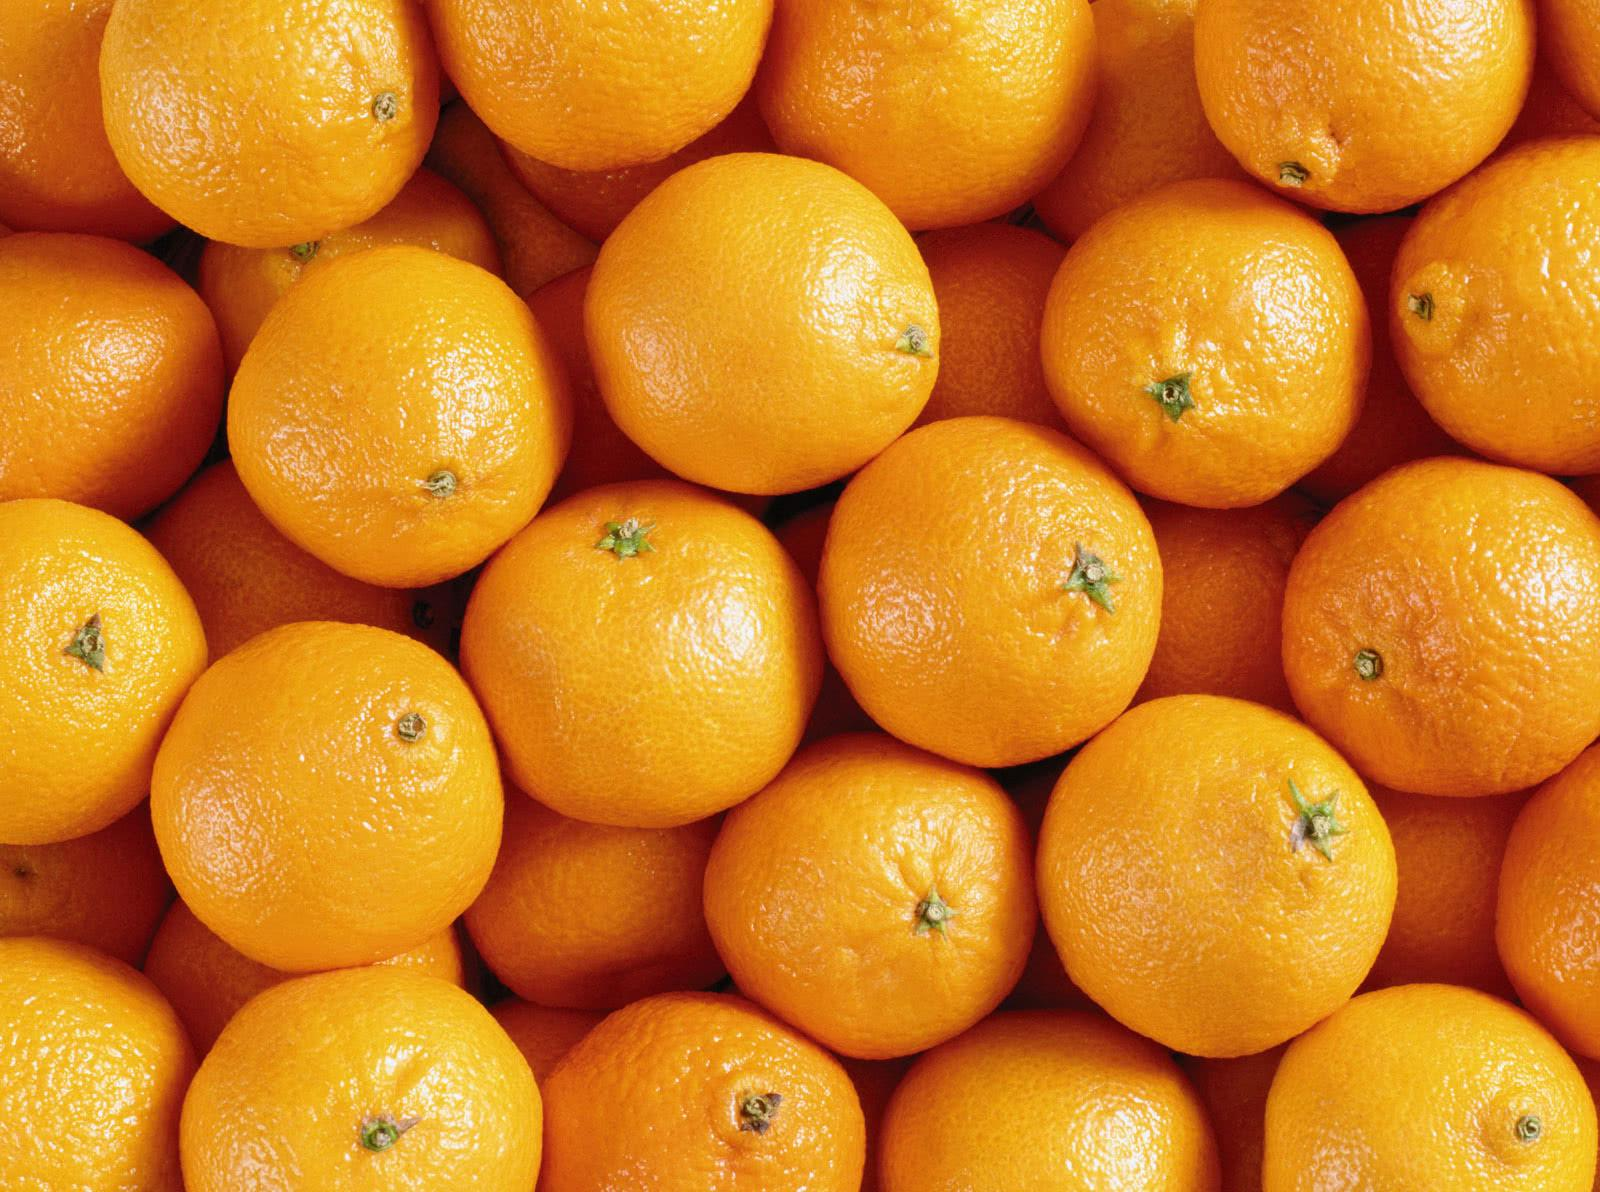 В марокканских апельсинах в Петербург «приплыла» плодовая муха - Криминал